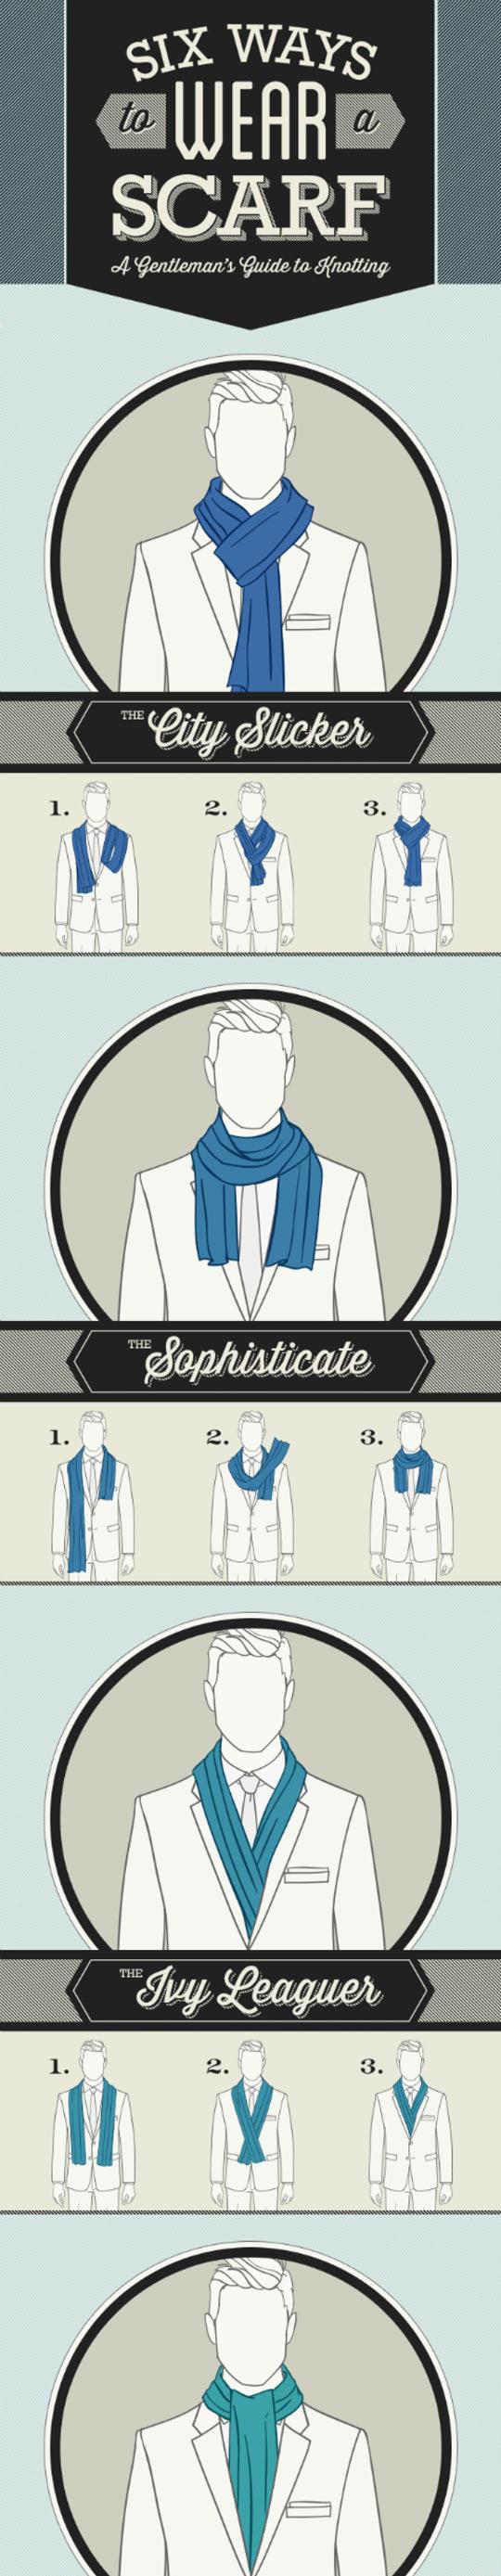 Six ways to wear a scarf...